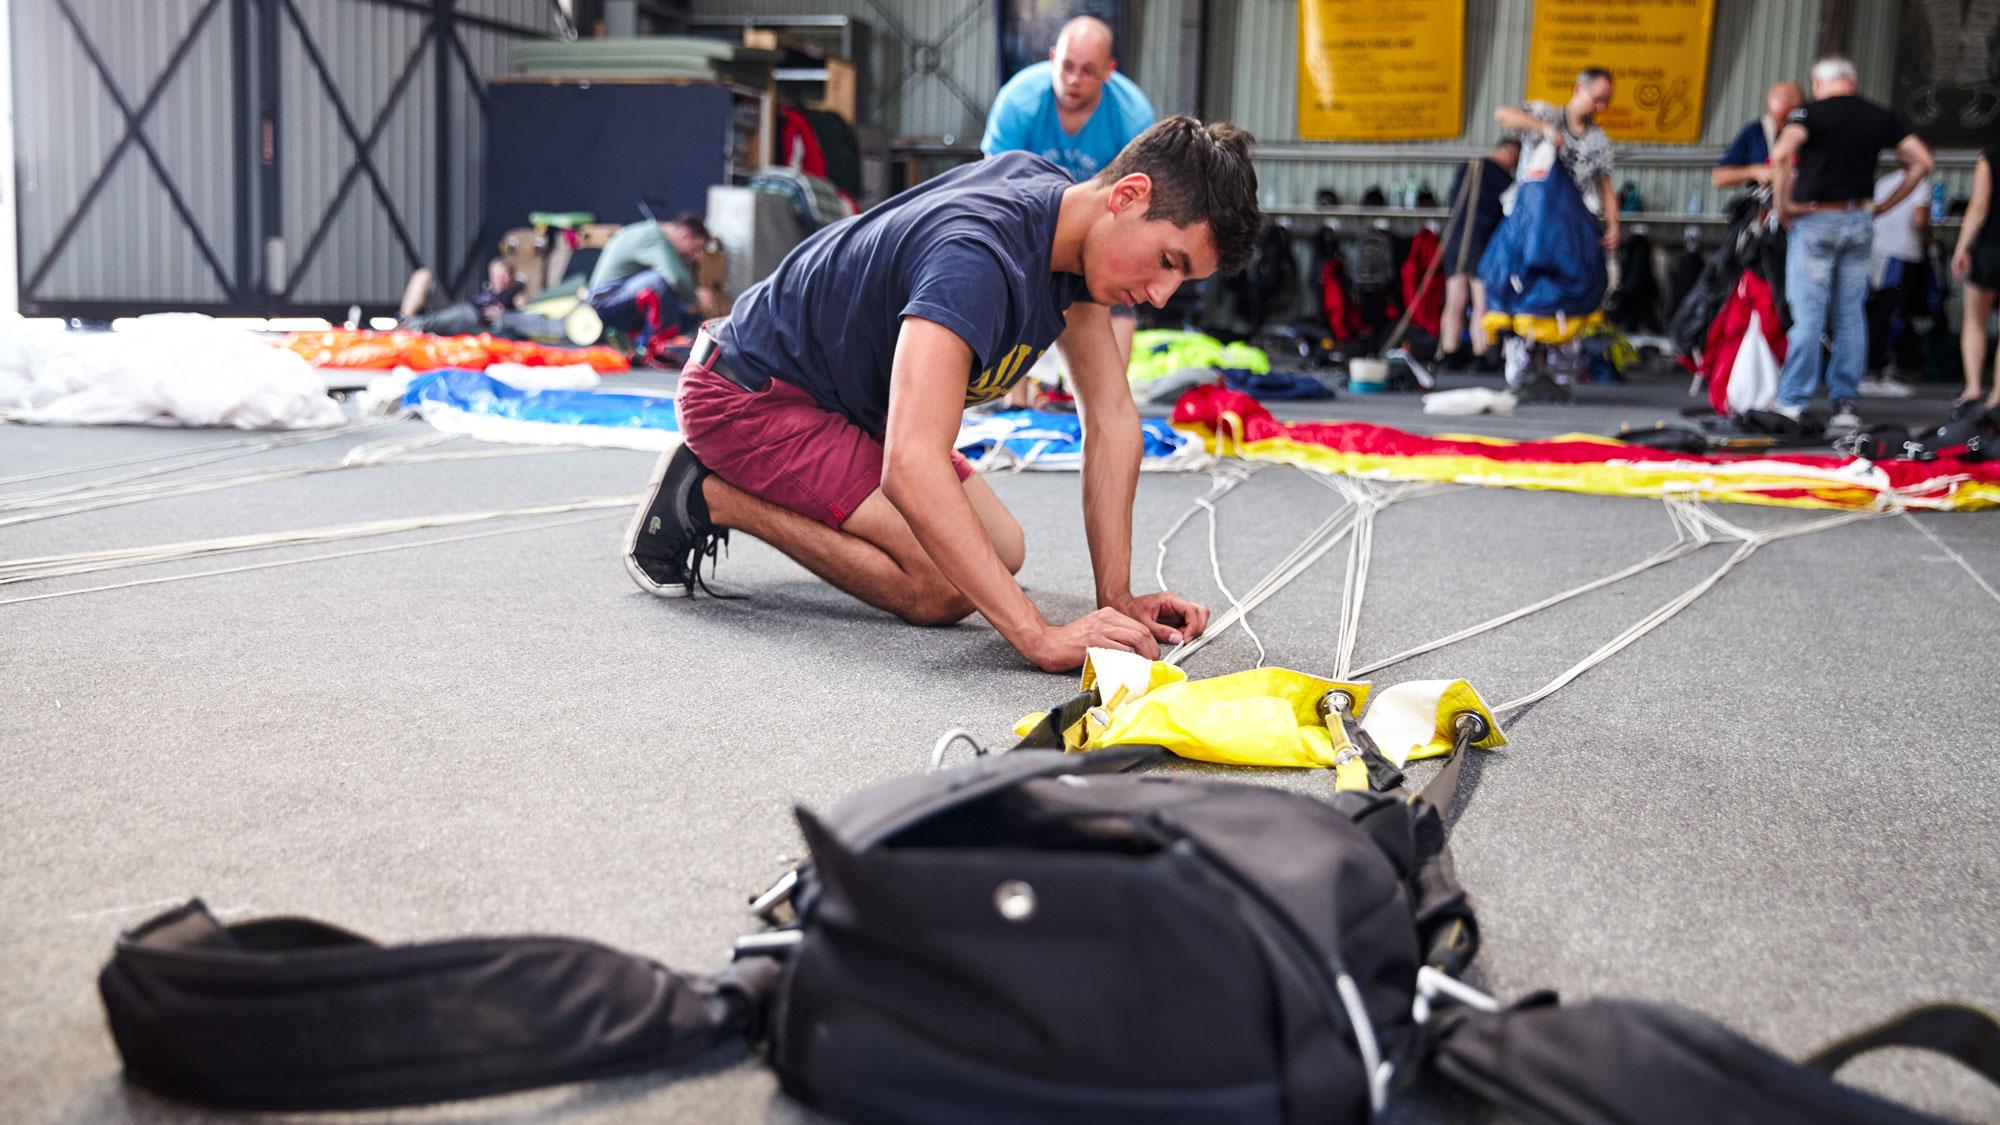 TAKE OFF Fehrbellin - Sportspringer beim Packen der Ausrüstung im Hangar